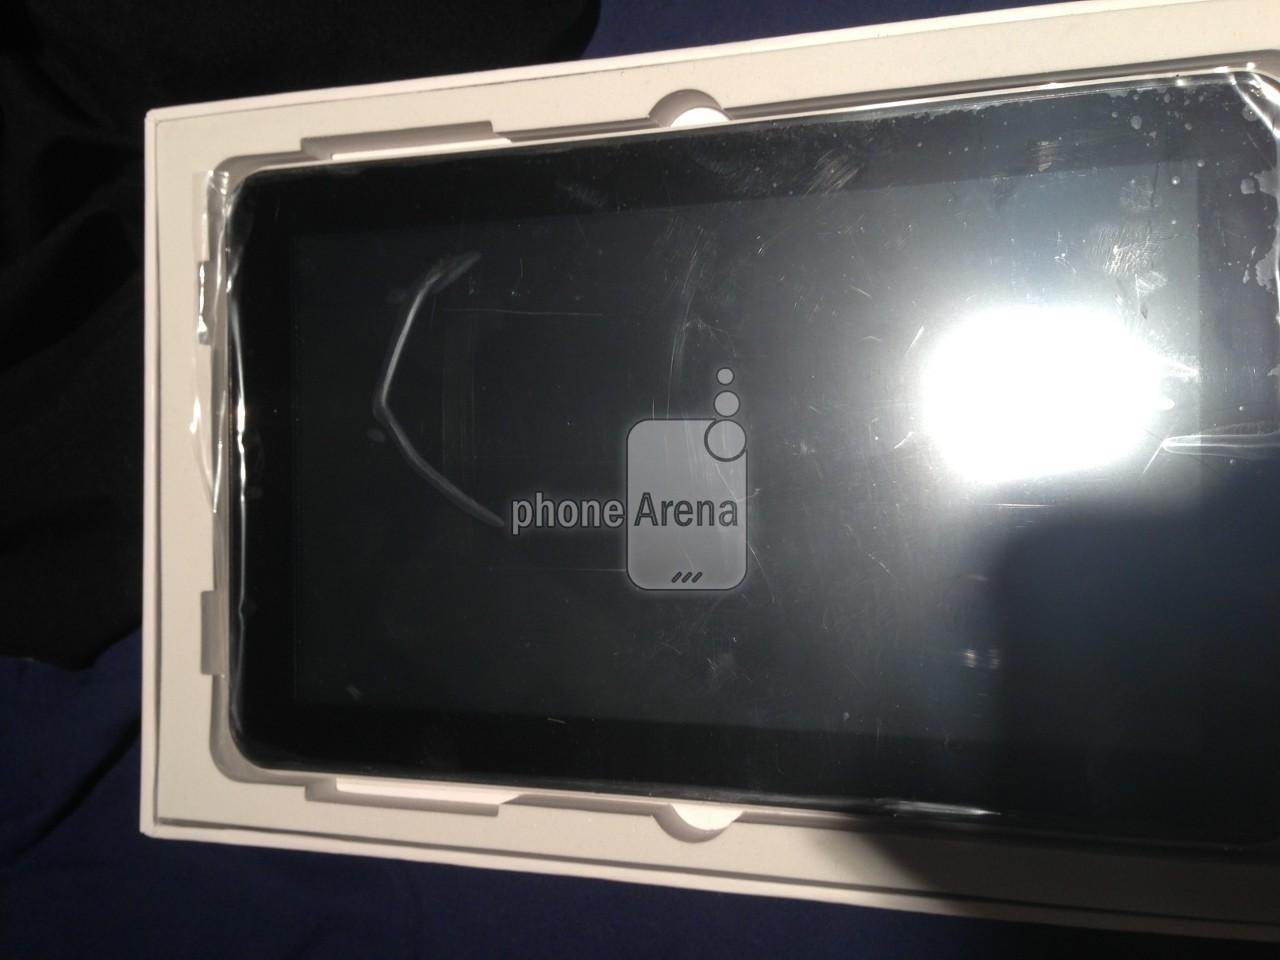 Samsung-Galaxy-Tab-3-tablet-box-jpg